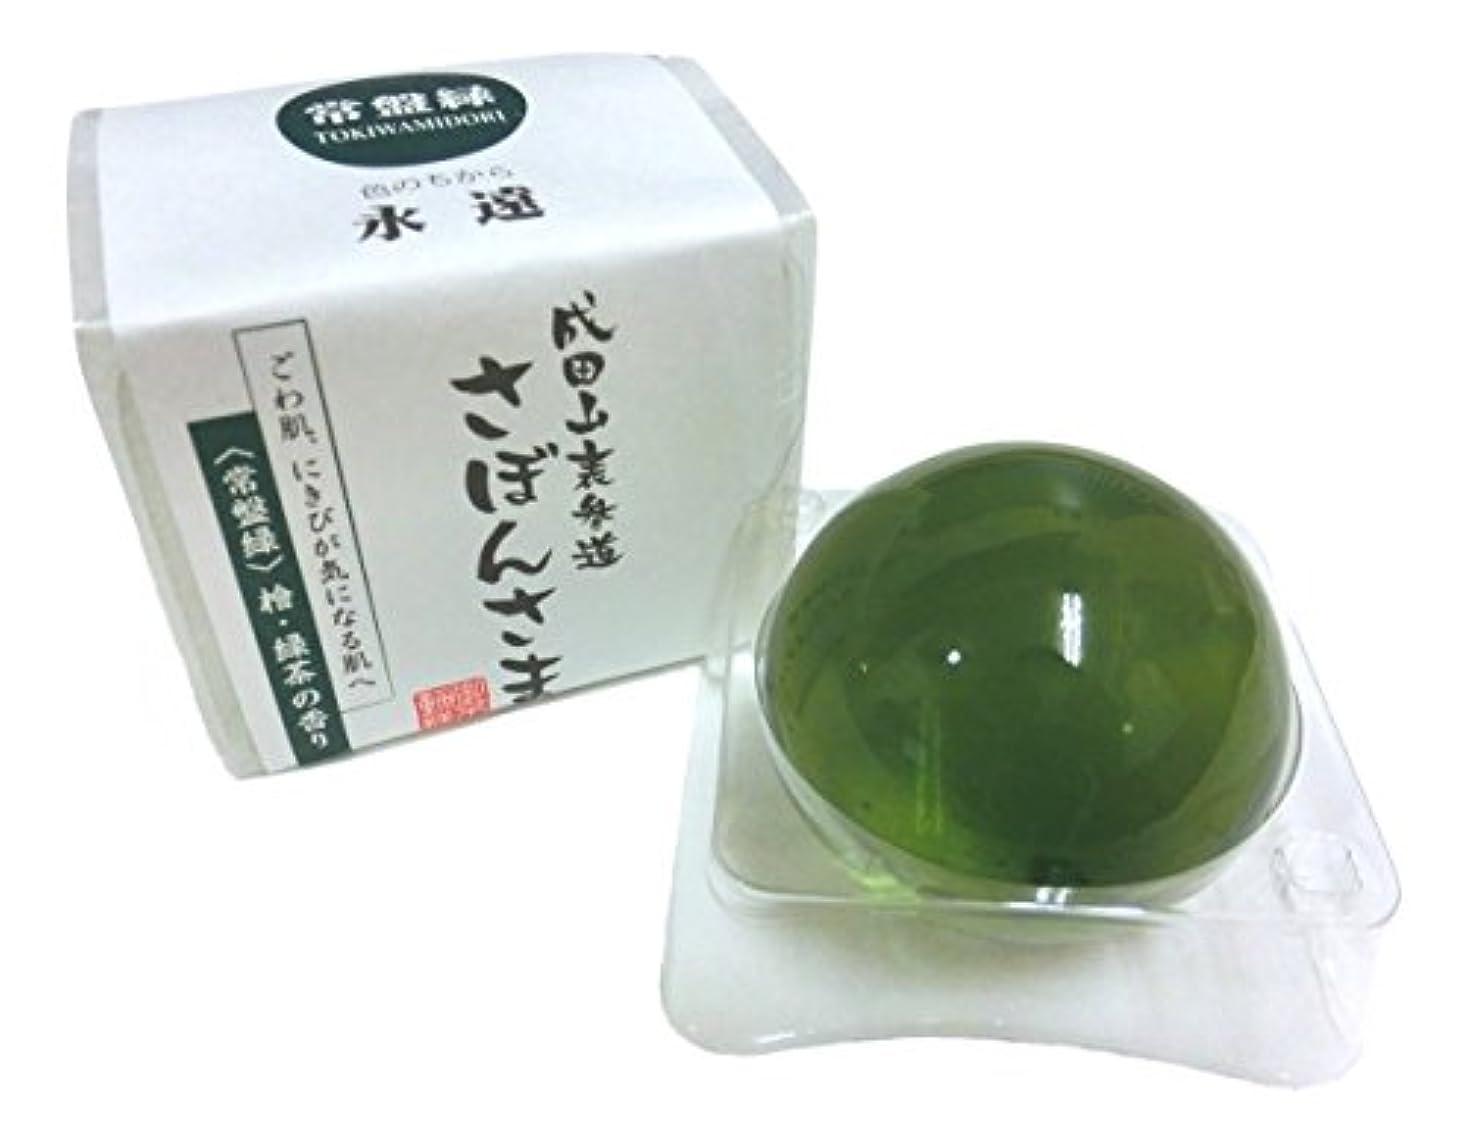 対抗広々とした優雅成田山表参道 さぼんさま〈常盤緑〉檜?緑茶の香り 100g